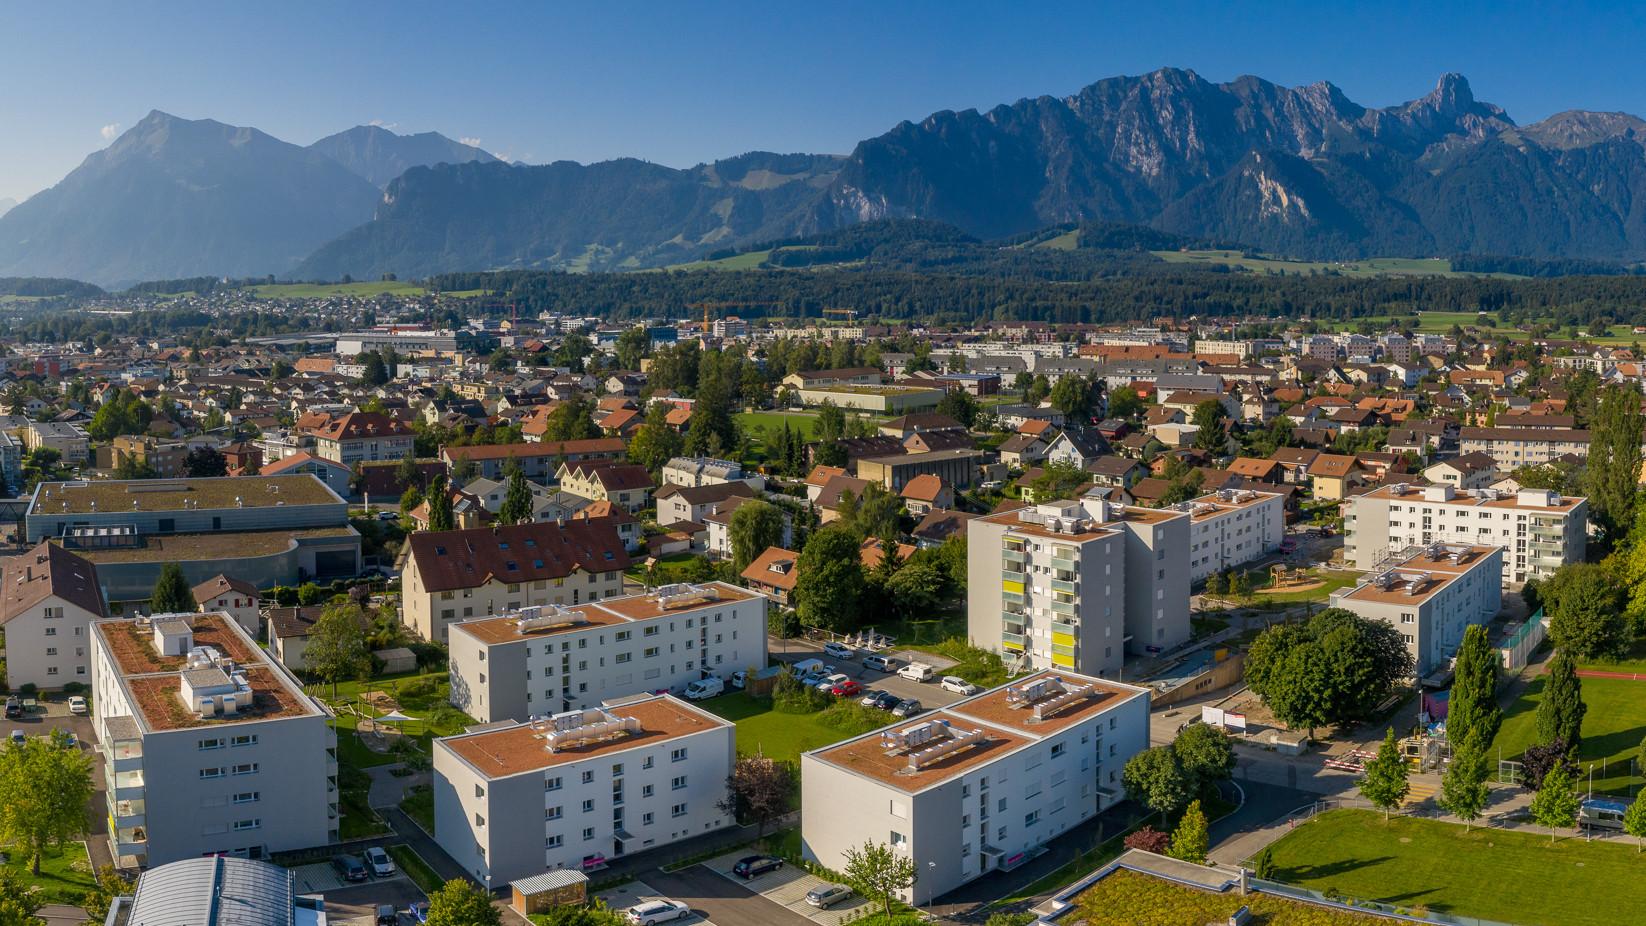 Siedlung Strättligen, Thun